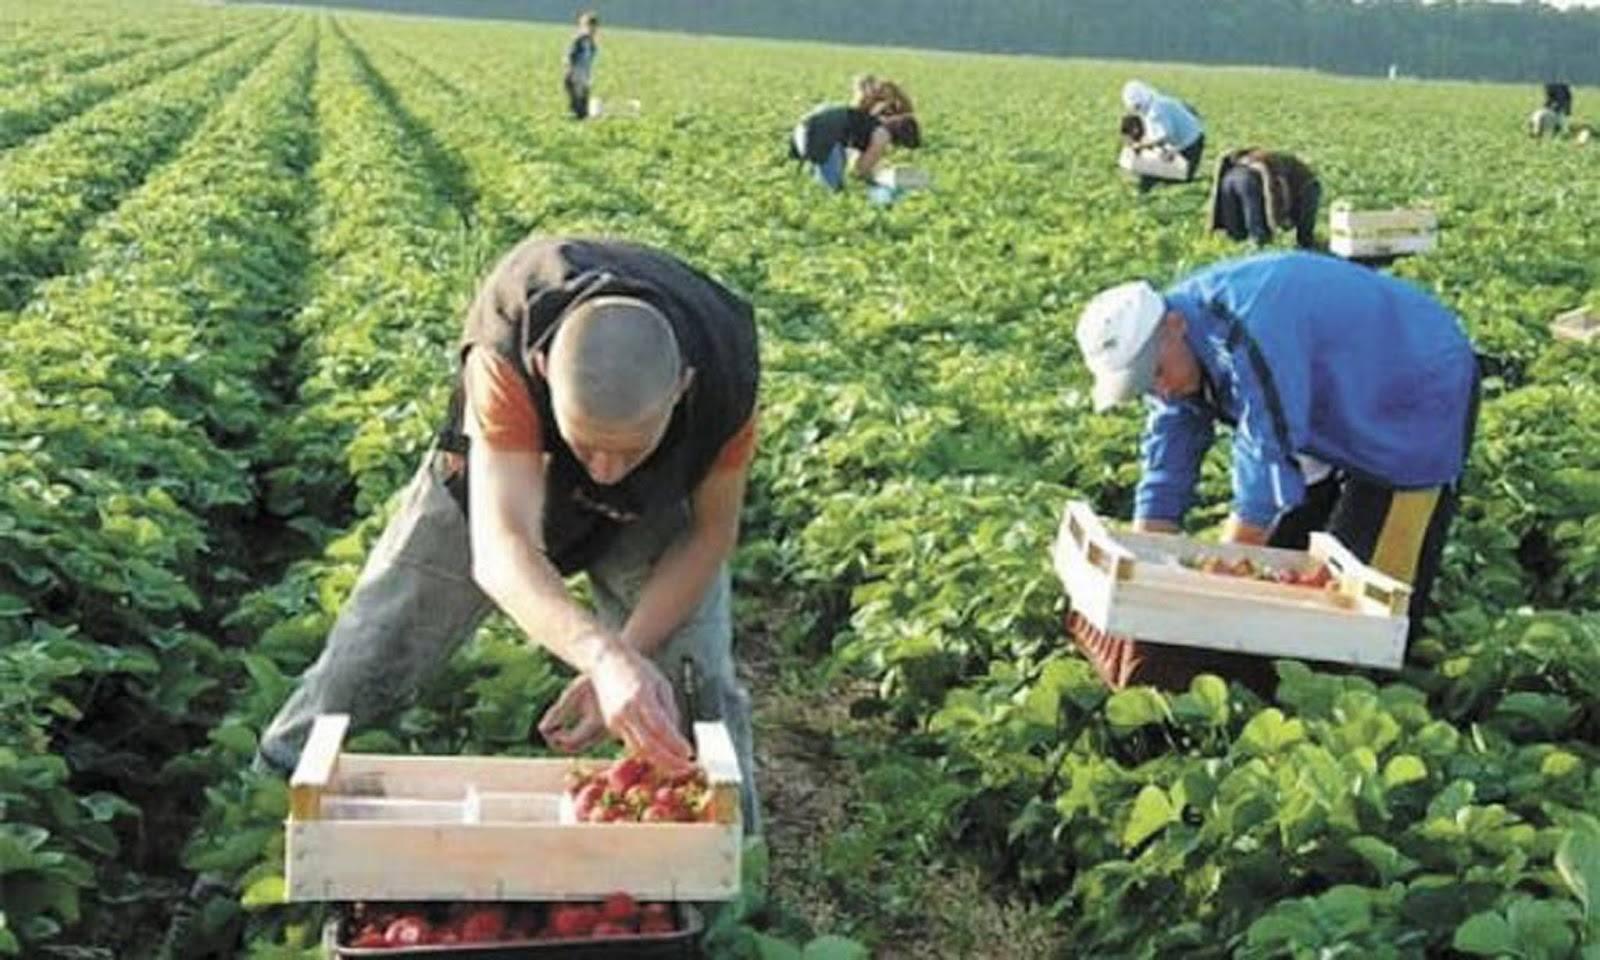 У поляков гниет ягода из-за нехватки рабочих рук - почему украинцы не едут в Польшу на заработки